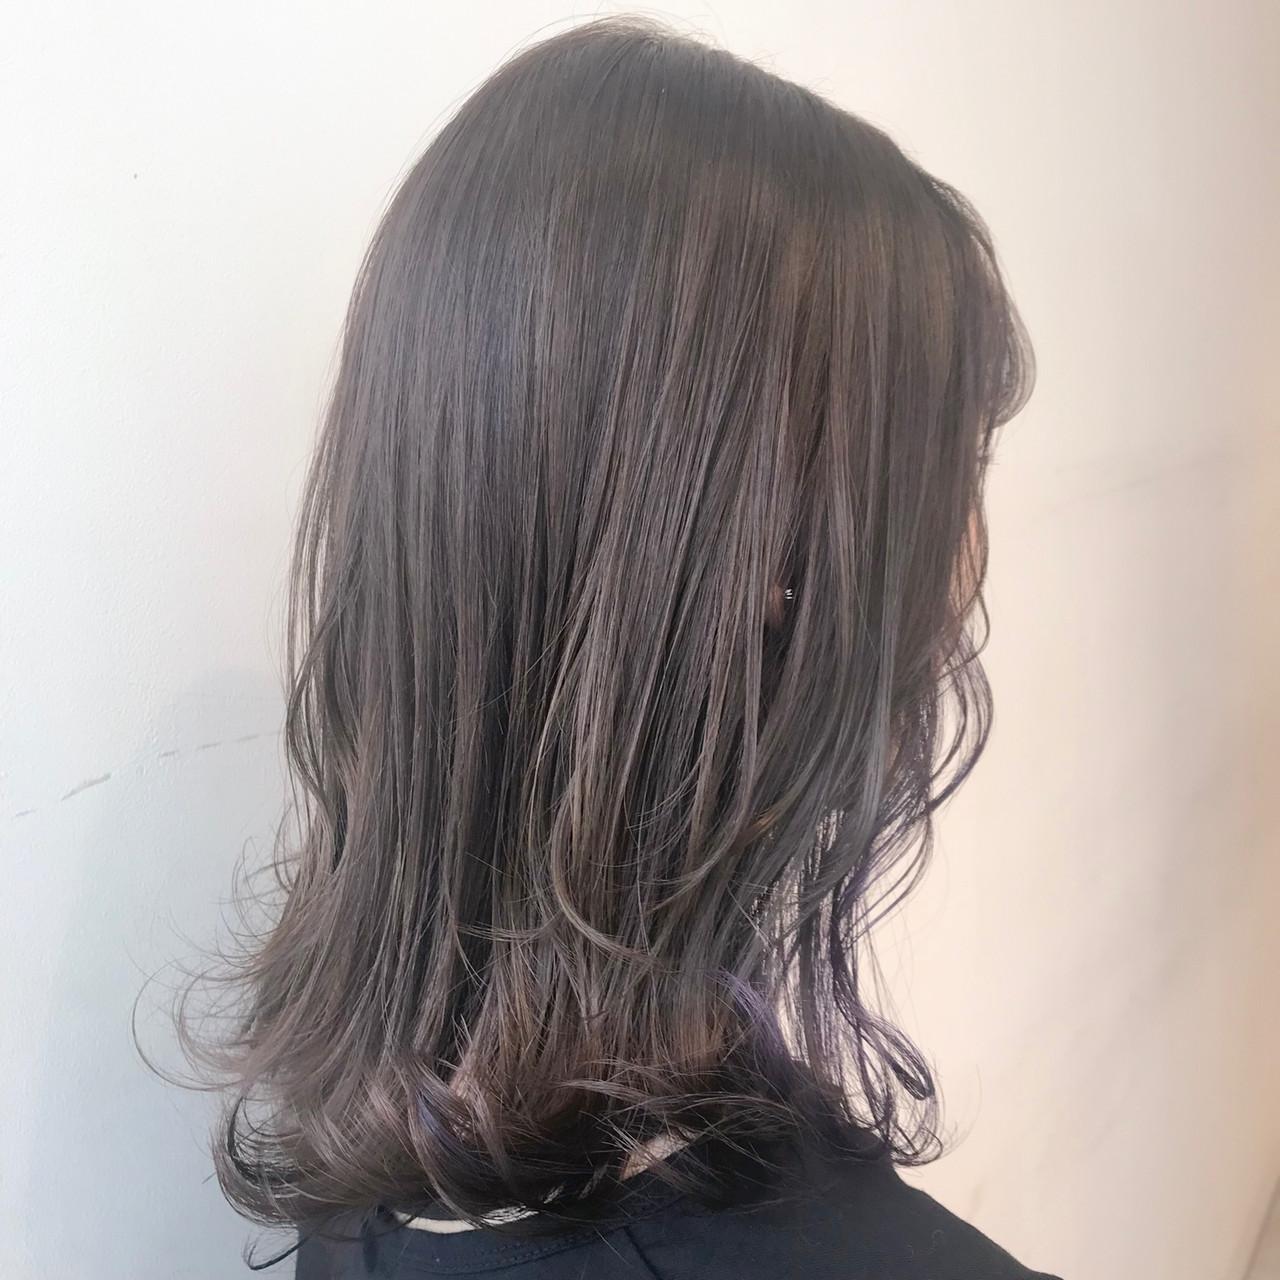 ミルクティーグレージュ 透明感カラー ブリーチなし フェミニン ヘアスタイルや髪型の写真・画像 | 村西 郁人 / rue